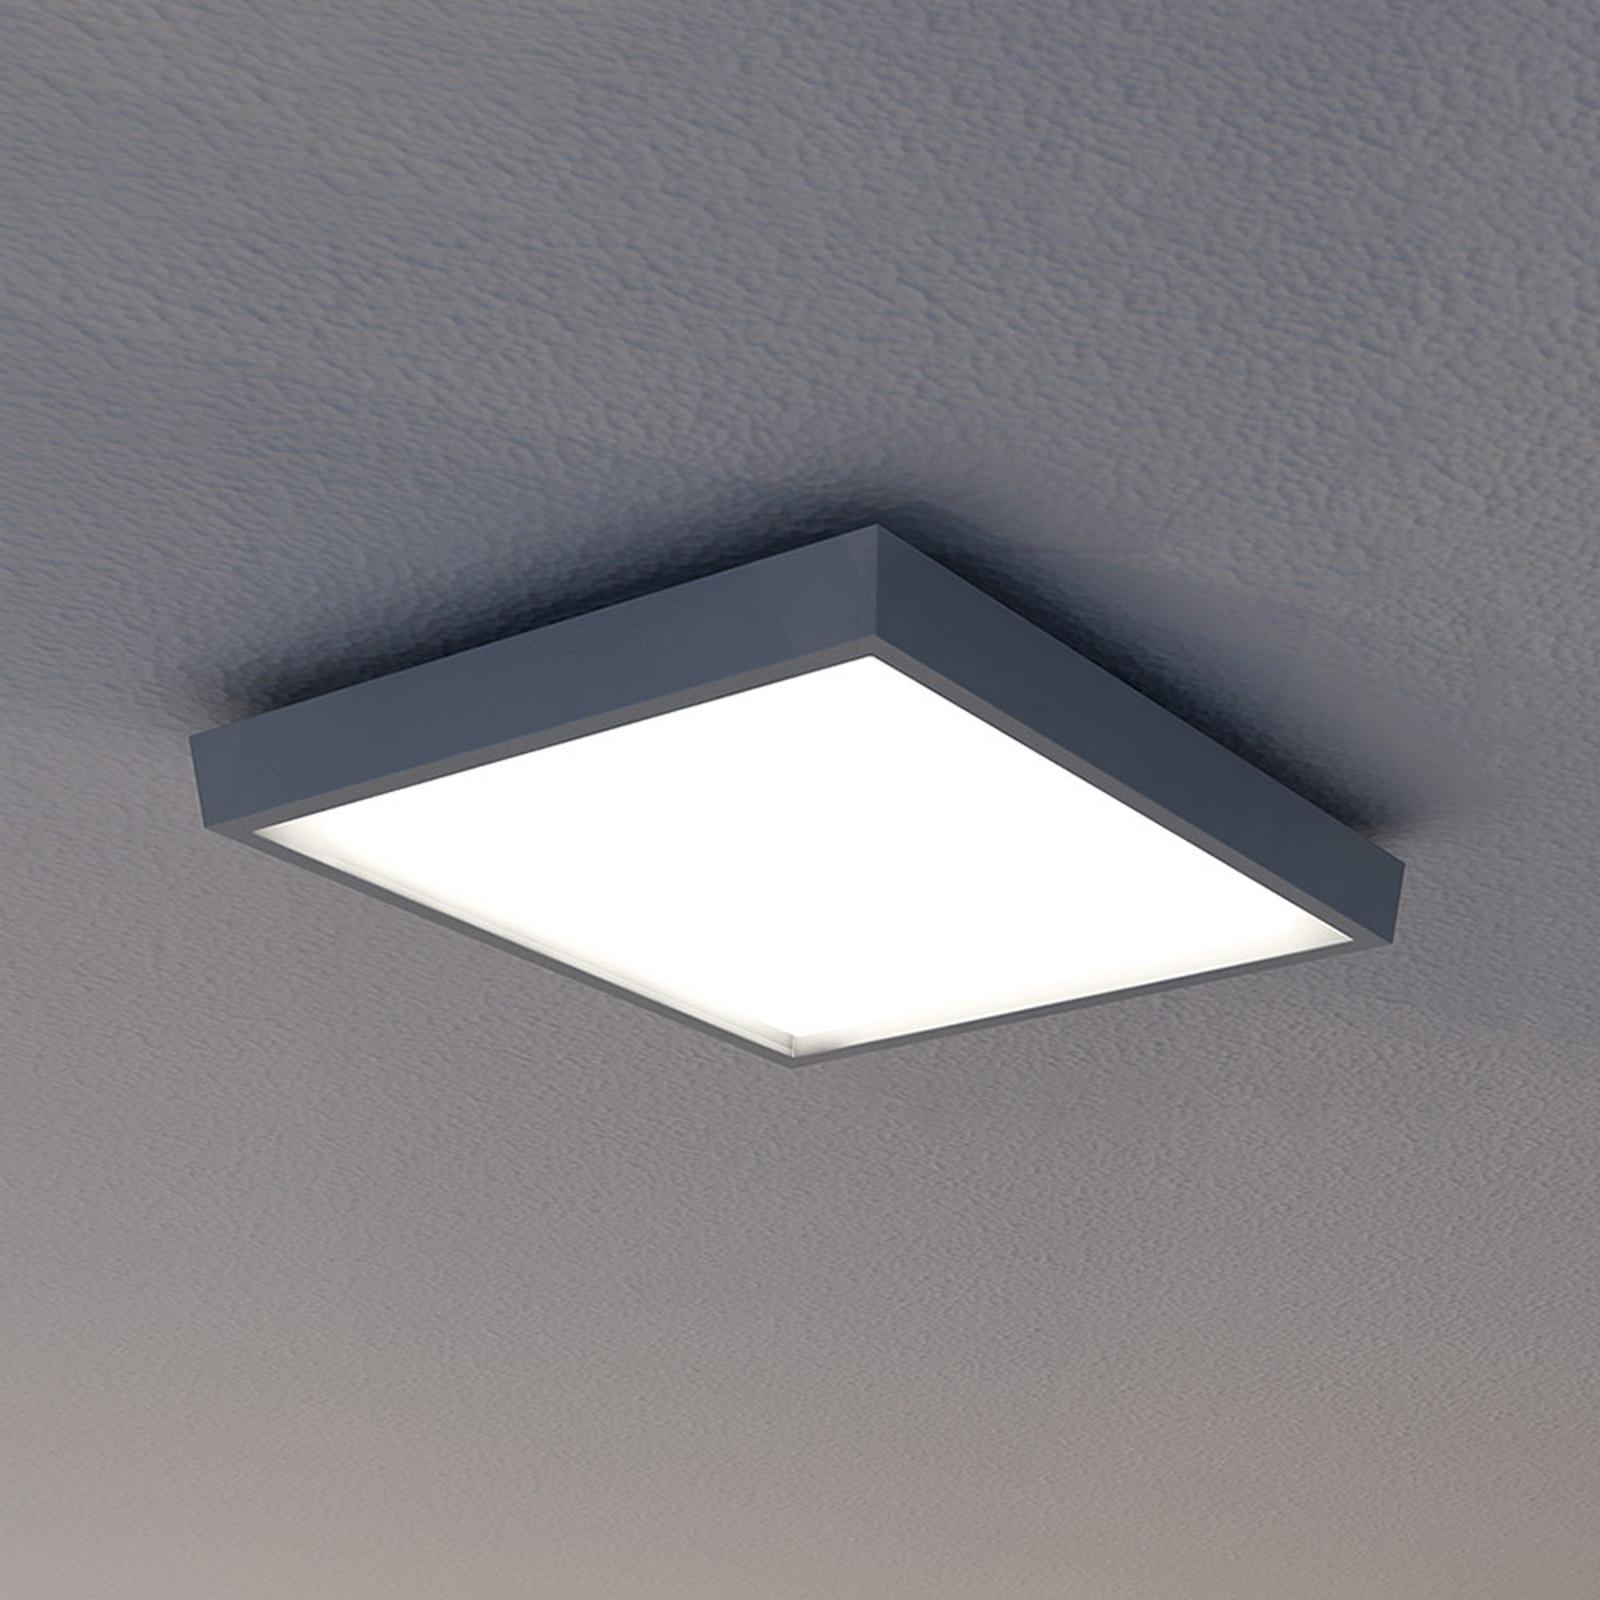 Udendørs loftlampe LED IP54, antracit, 27x27 cm